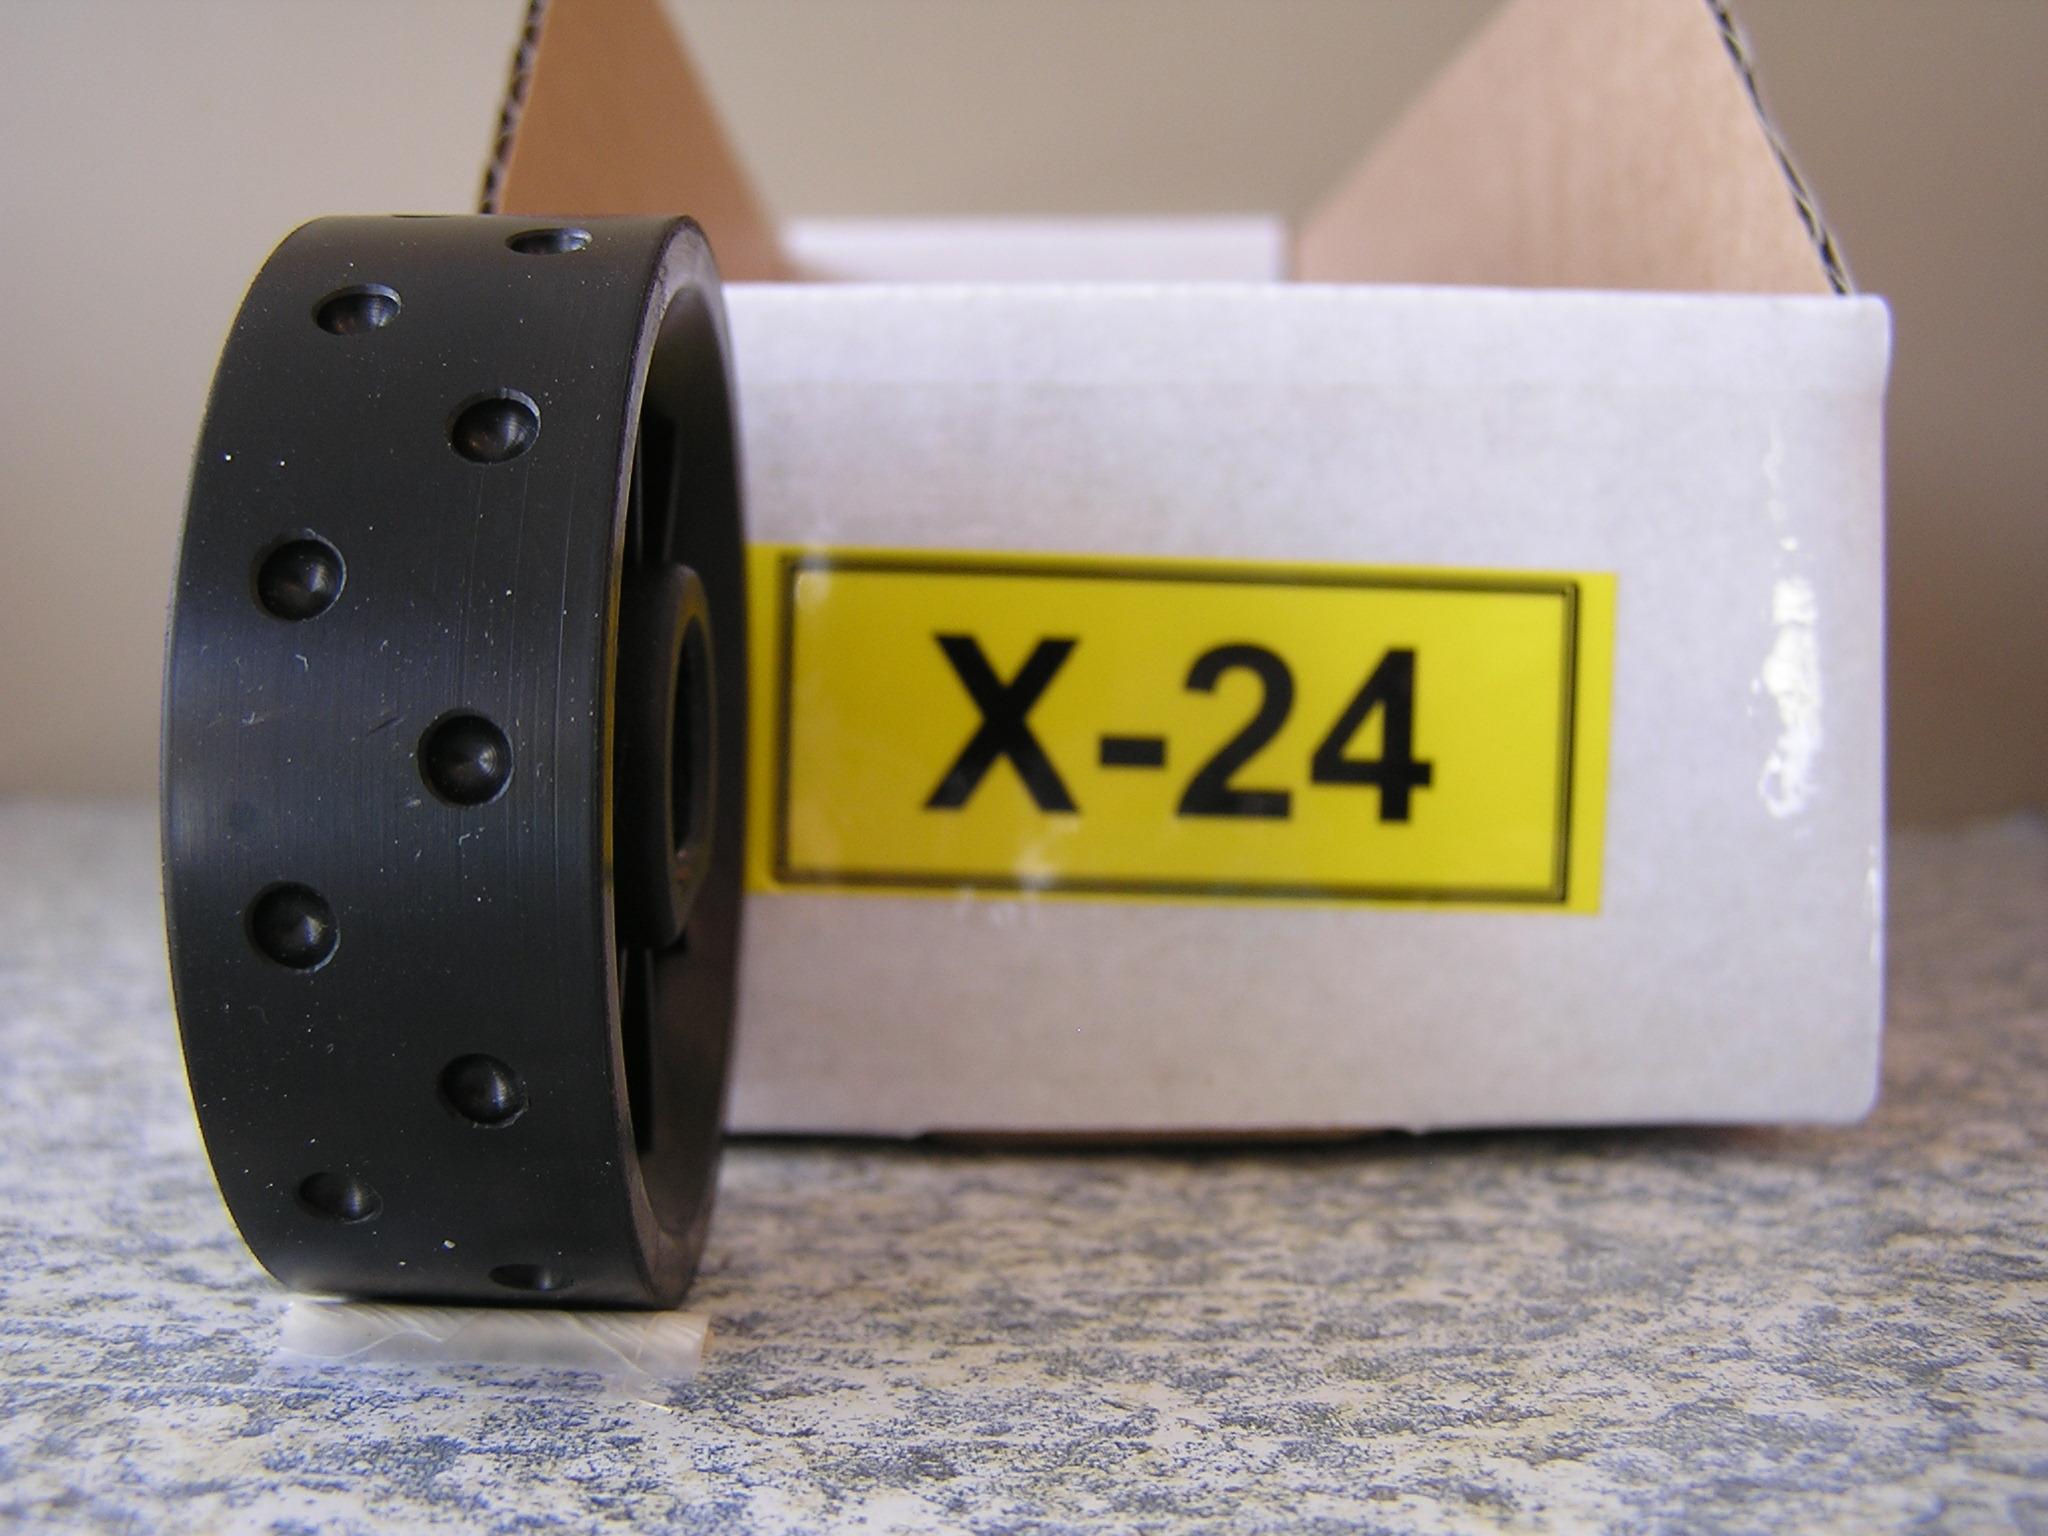 X-24 Roller for Jang Seeder, 4 mm Slot, 24 Slots on the Roller